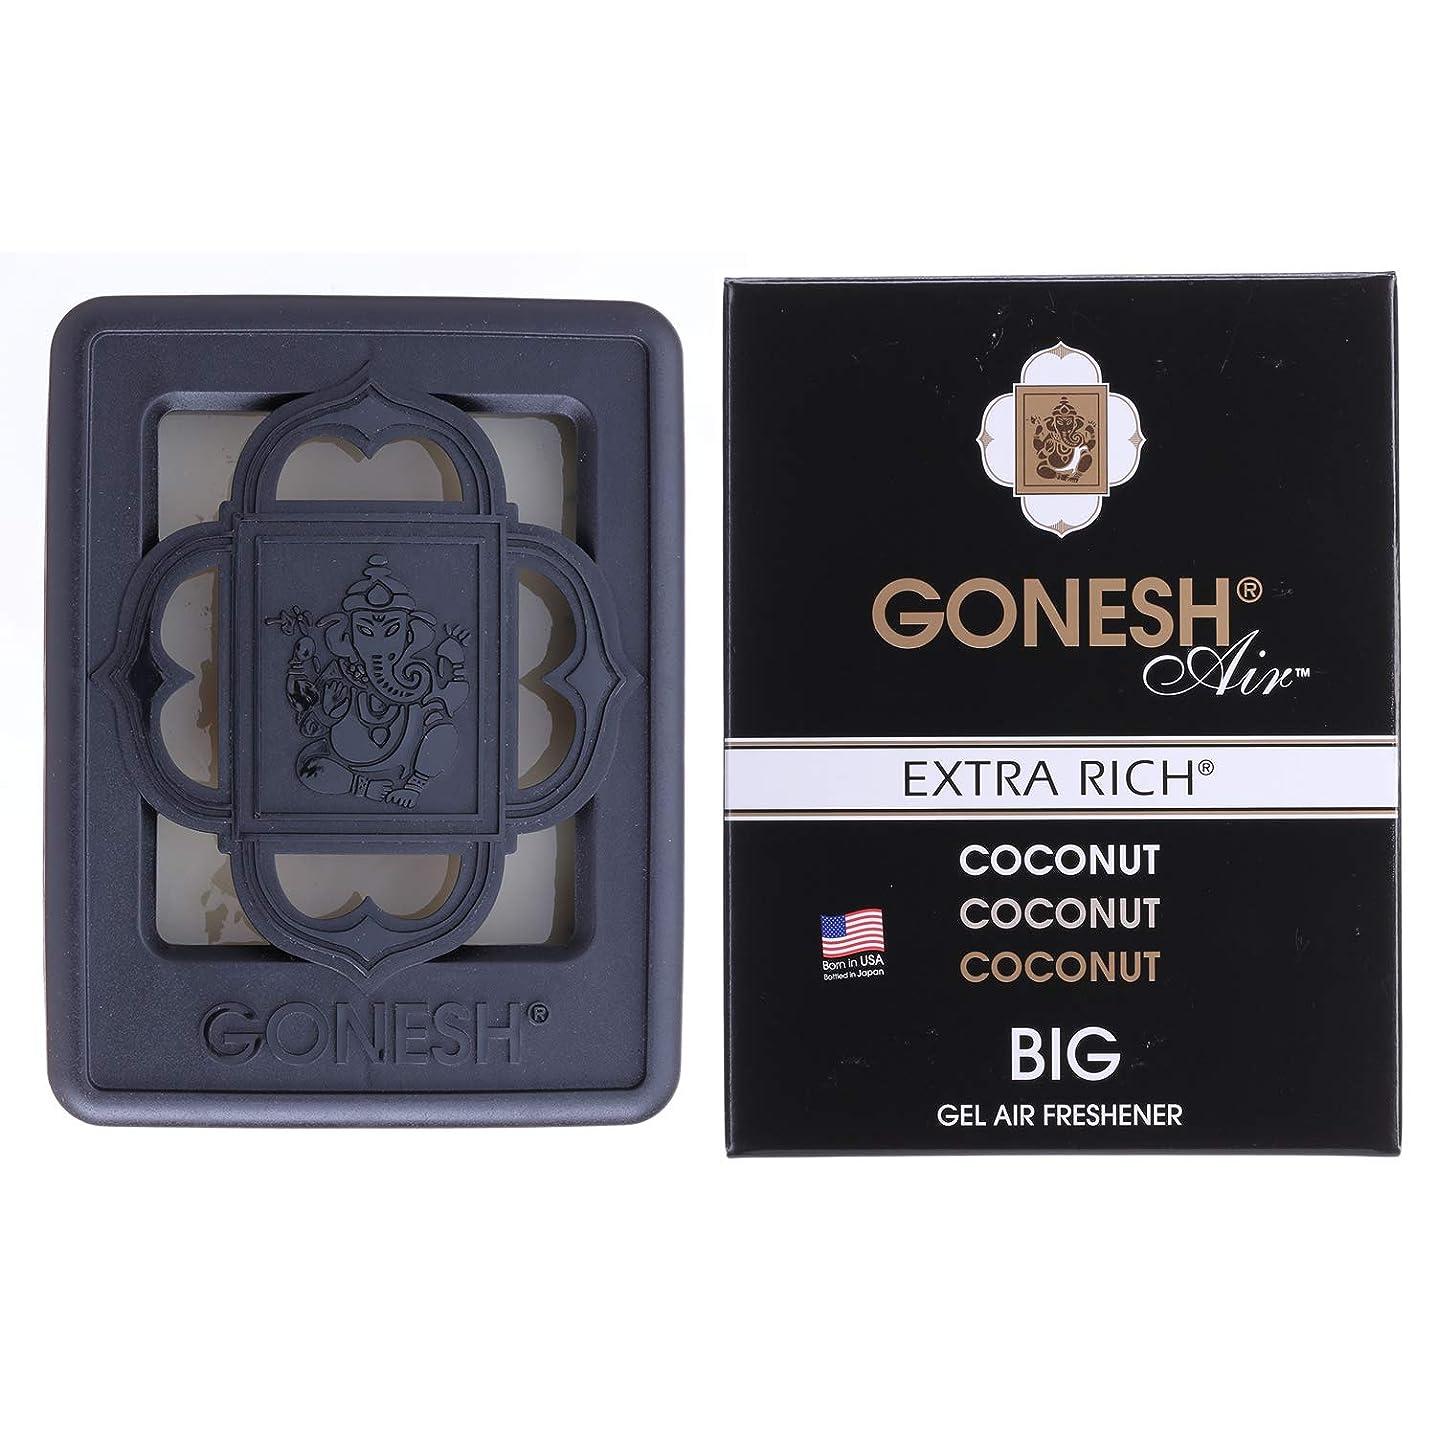 GONESH(ガーネッシュ)ビッグゲルエアフレッシュナー ココナッツ(ココナッツの香り)